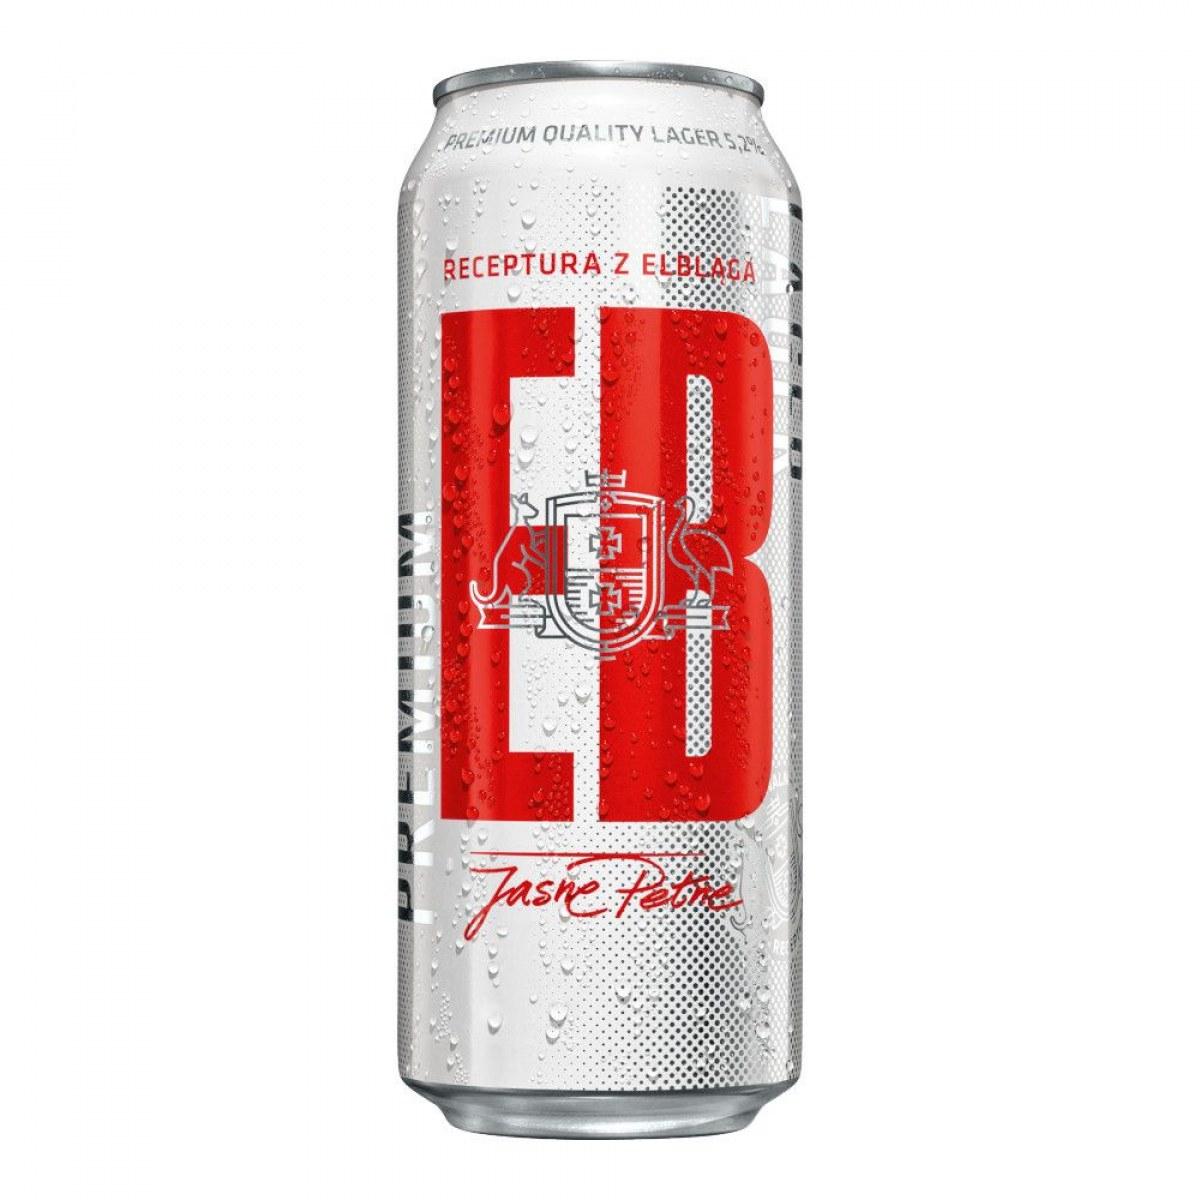 Piwo EB puszka 500ml przy zakupie dwóch 6-paków po 1.69pln @Biedronka